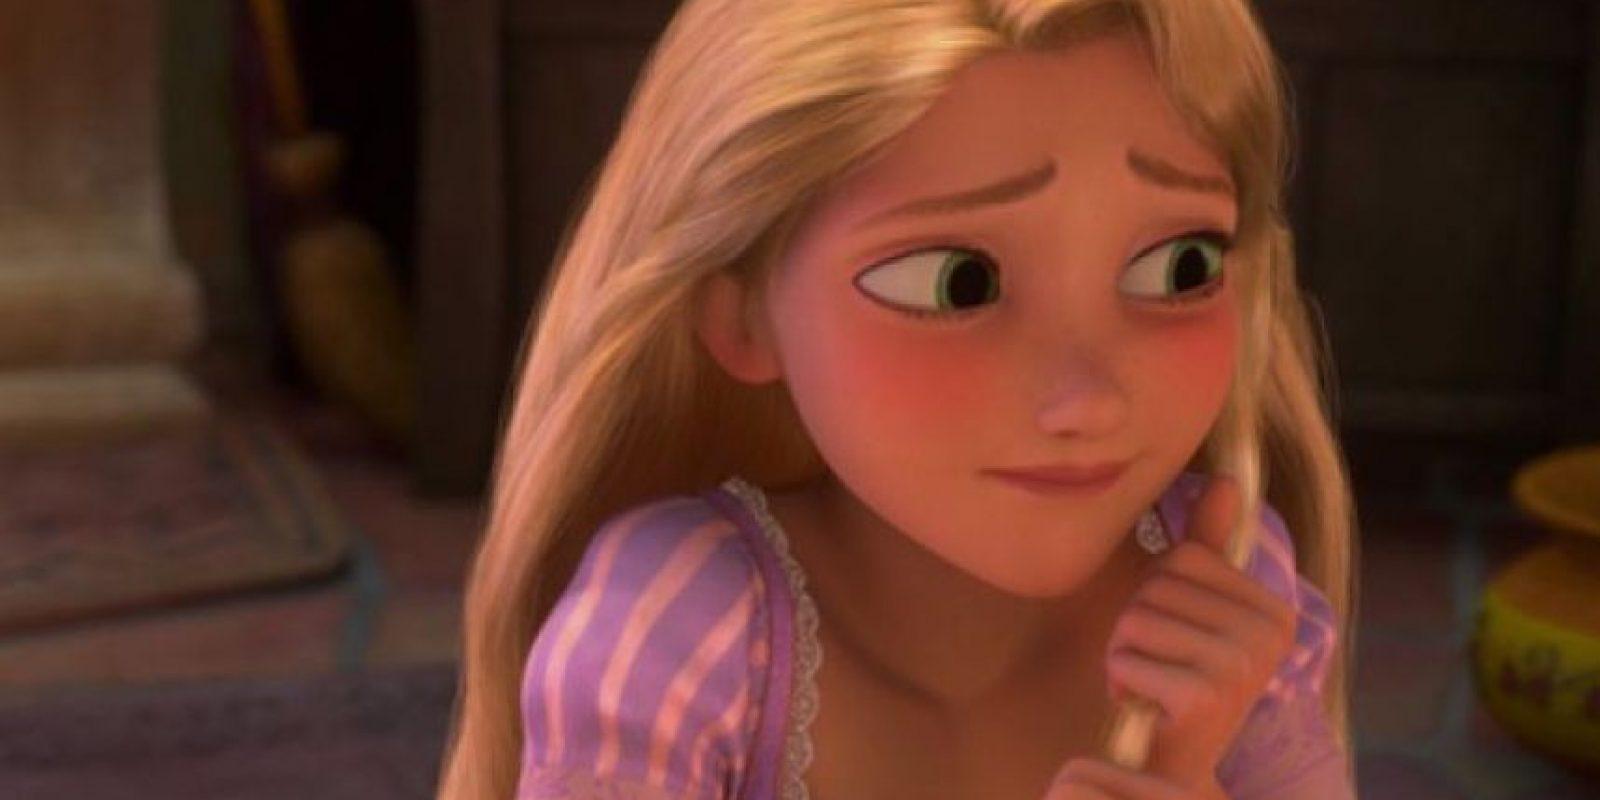 8. Rapunzel (Enredados). Esta chica tiene tanto tiempo en sus manos que se ha vuelto demasiado hábil para todo – arte, música, cocina, lo que digas. También parecería que ella lee como seis libros al día. Pero le falta enfrentarse con el mundo real. ¿Cómo vas a confundir una tiara con un brazalete? Foto: Buzzfeed